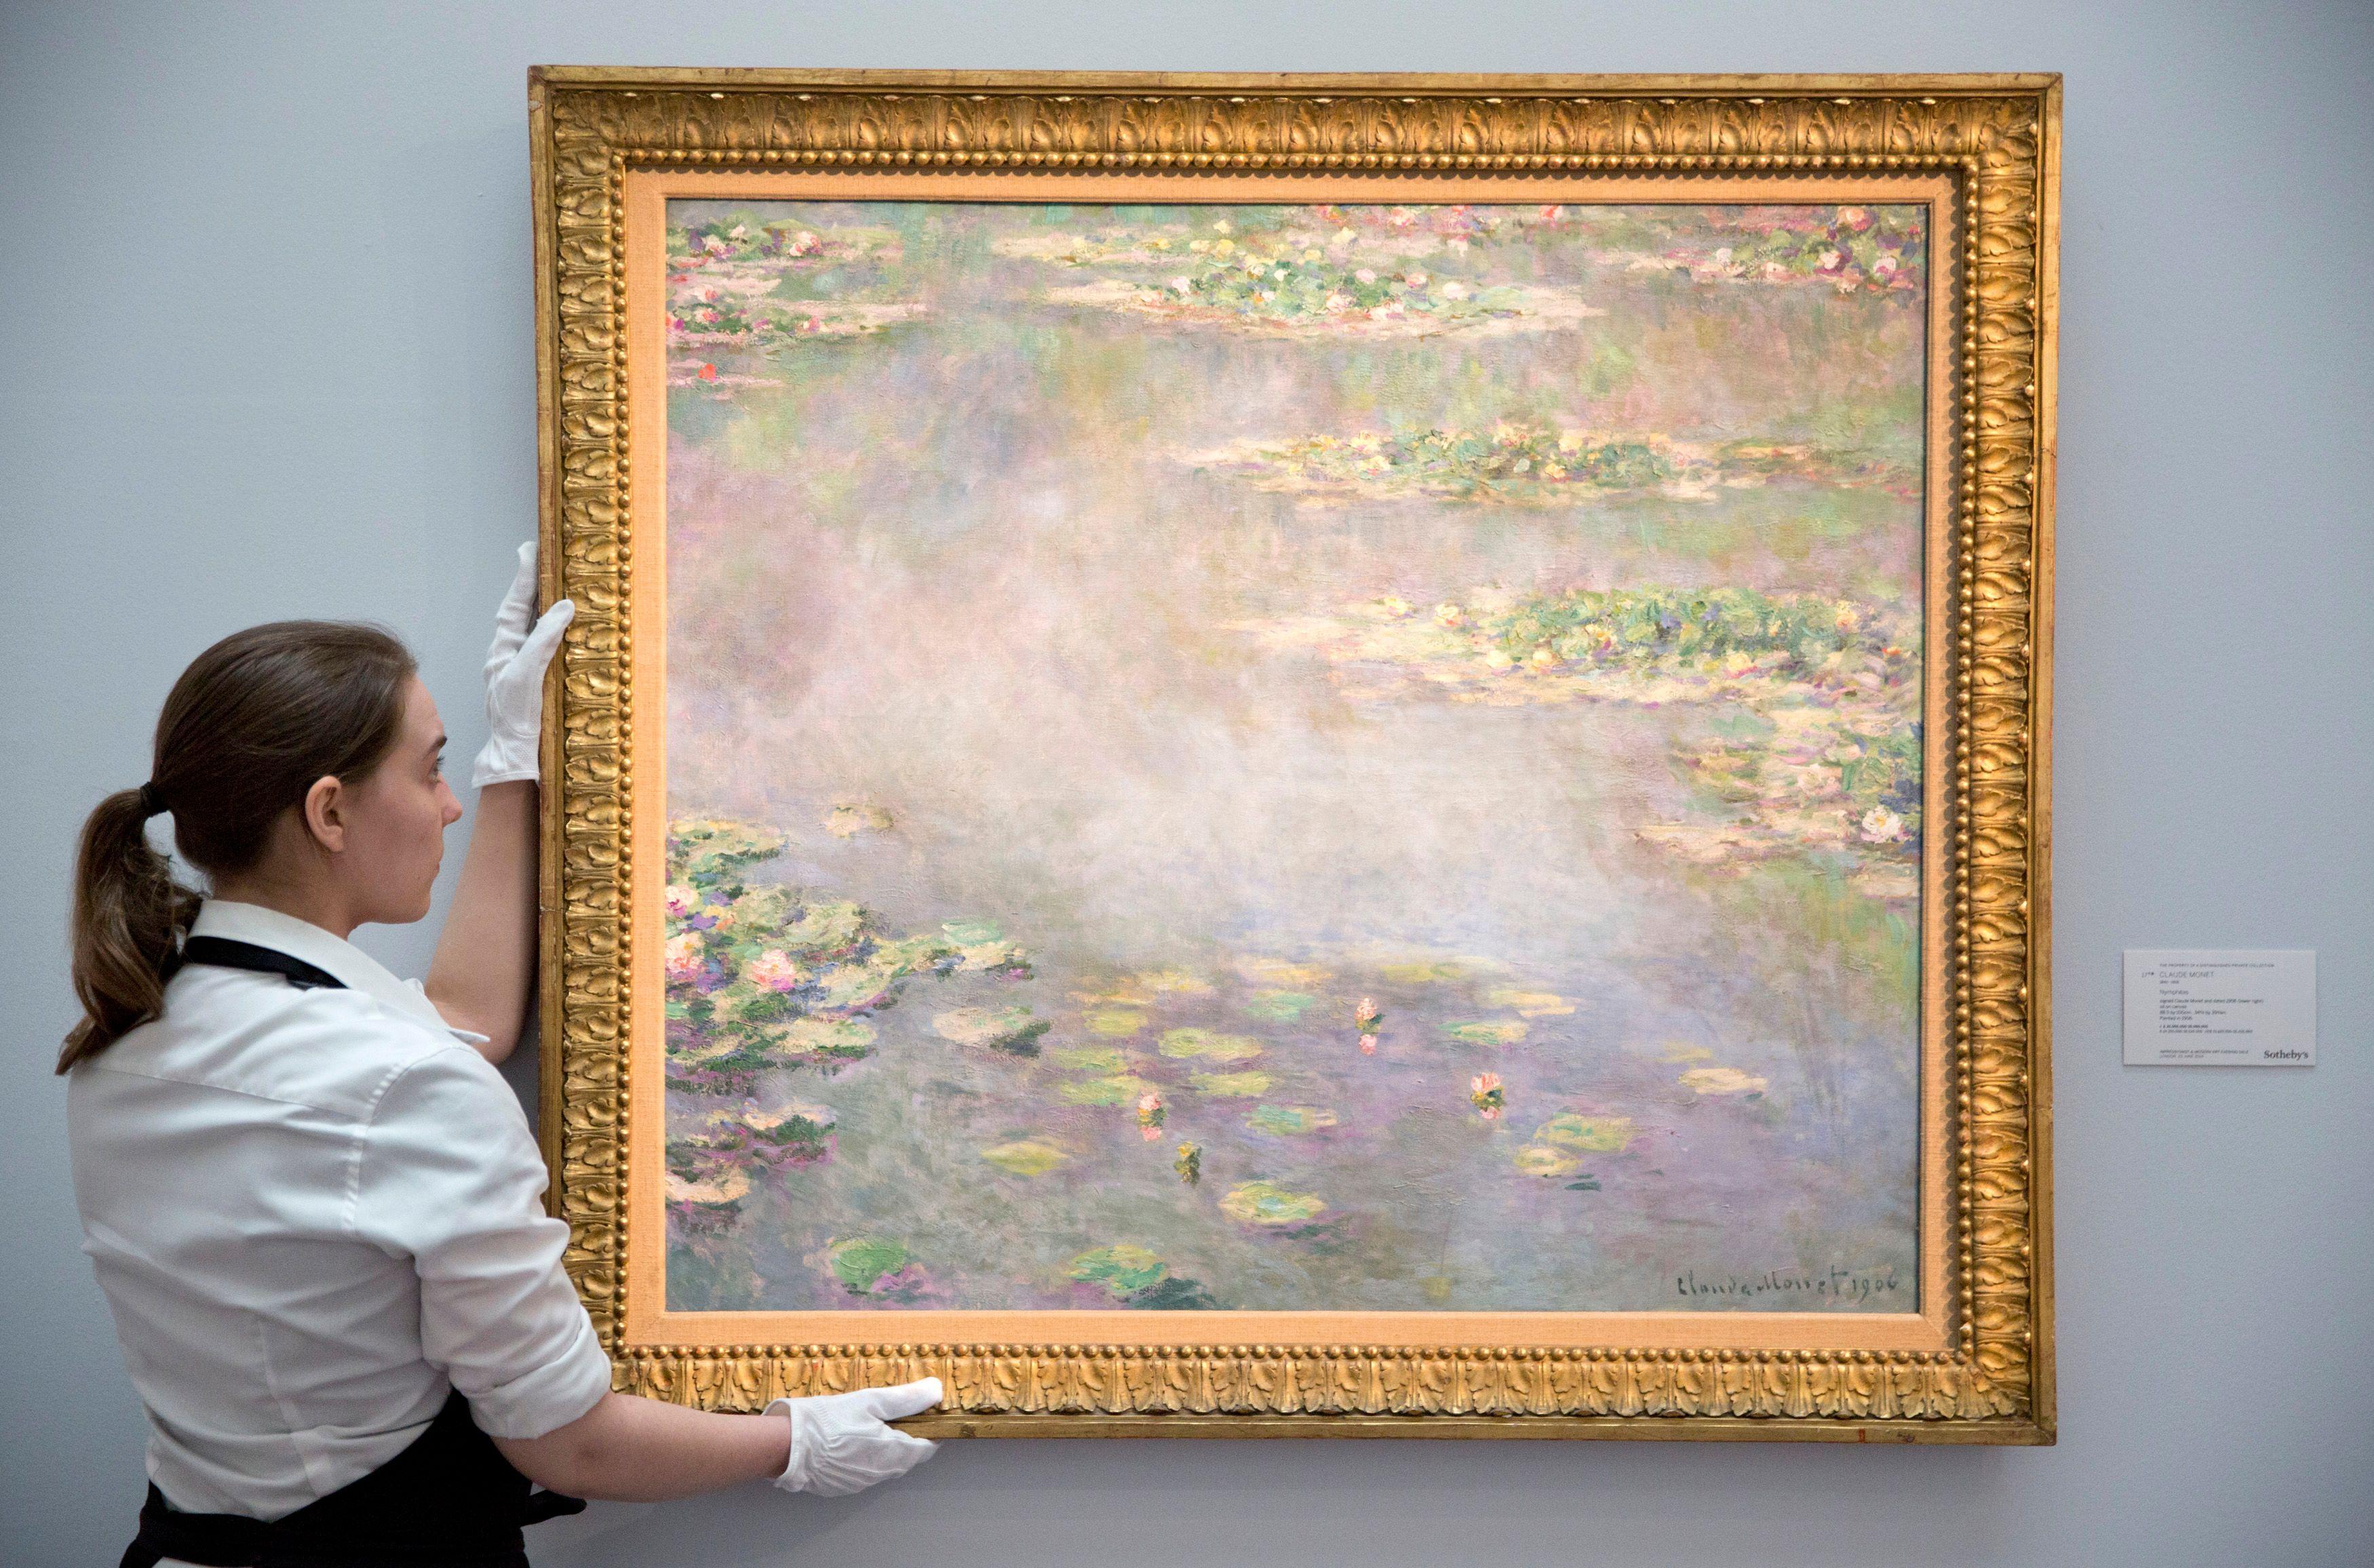 La toile de Claude Monet